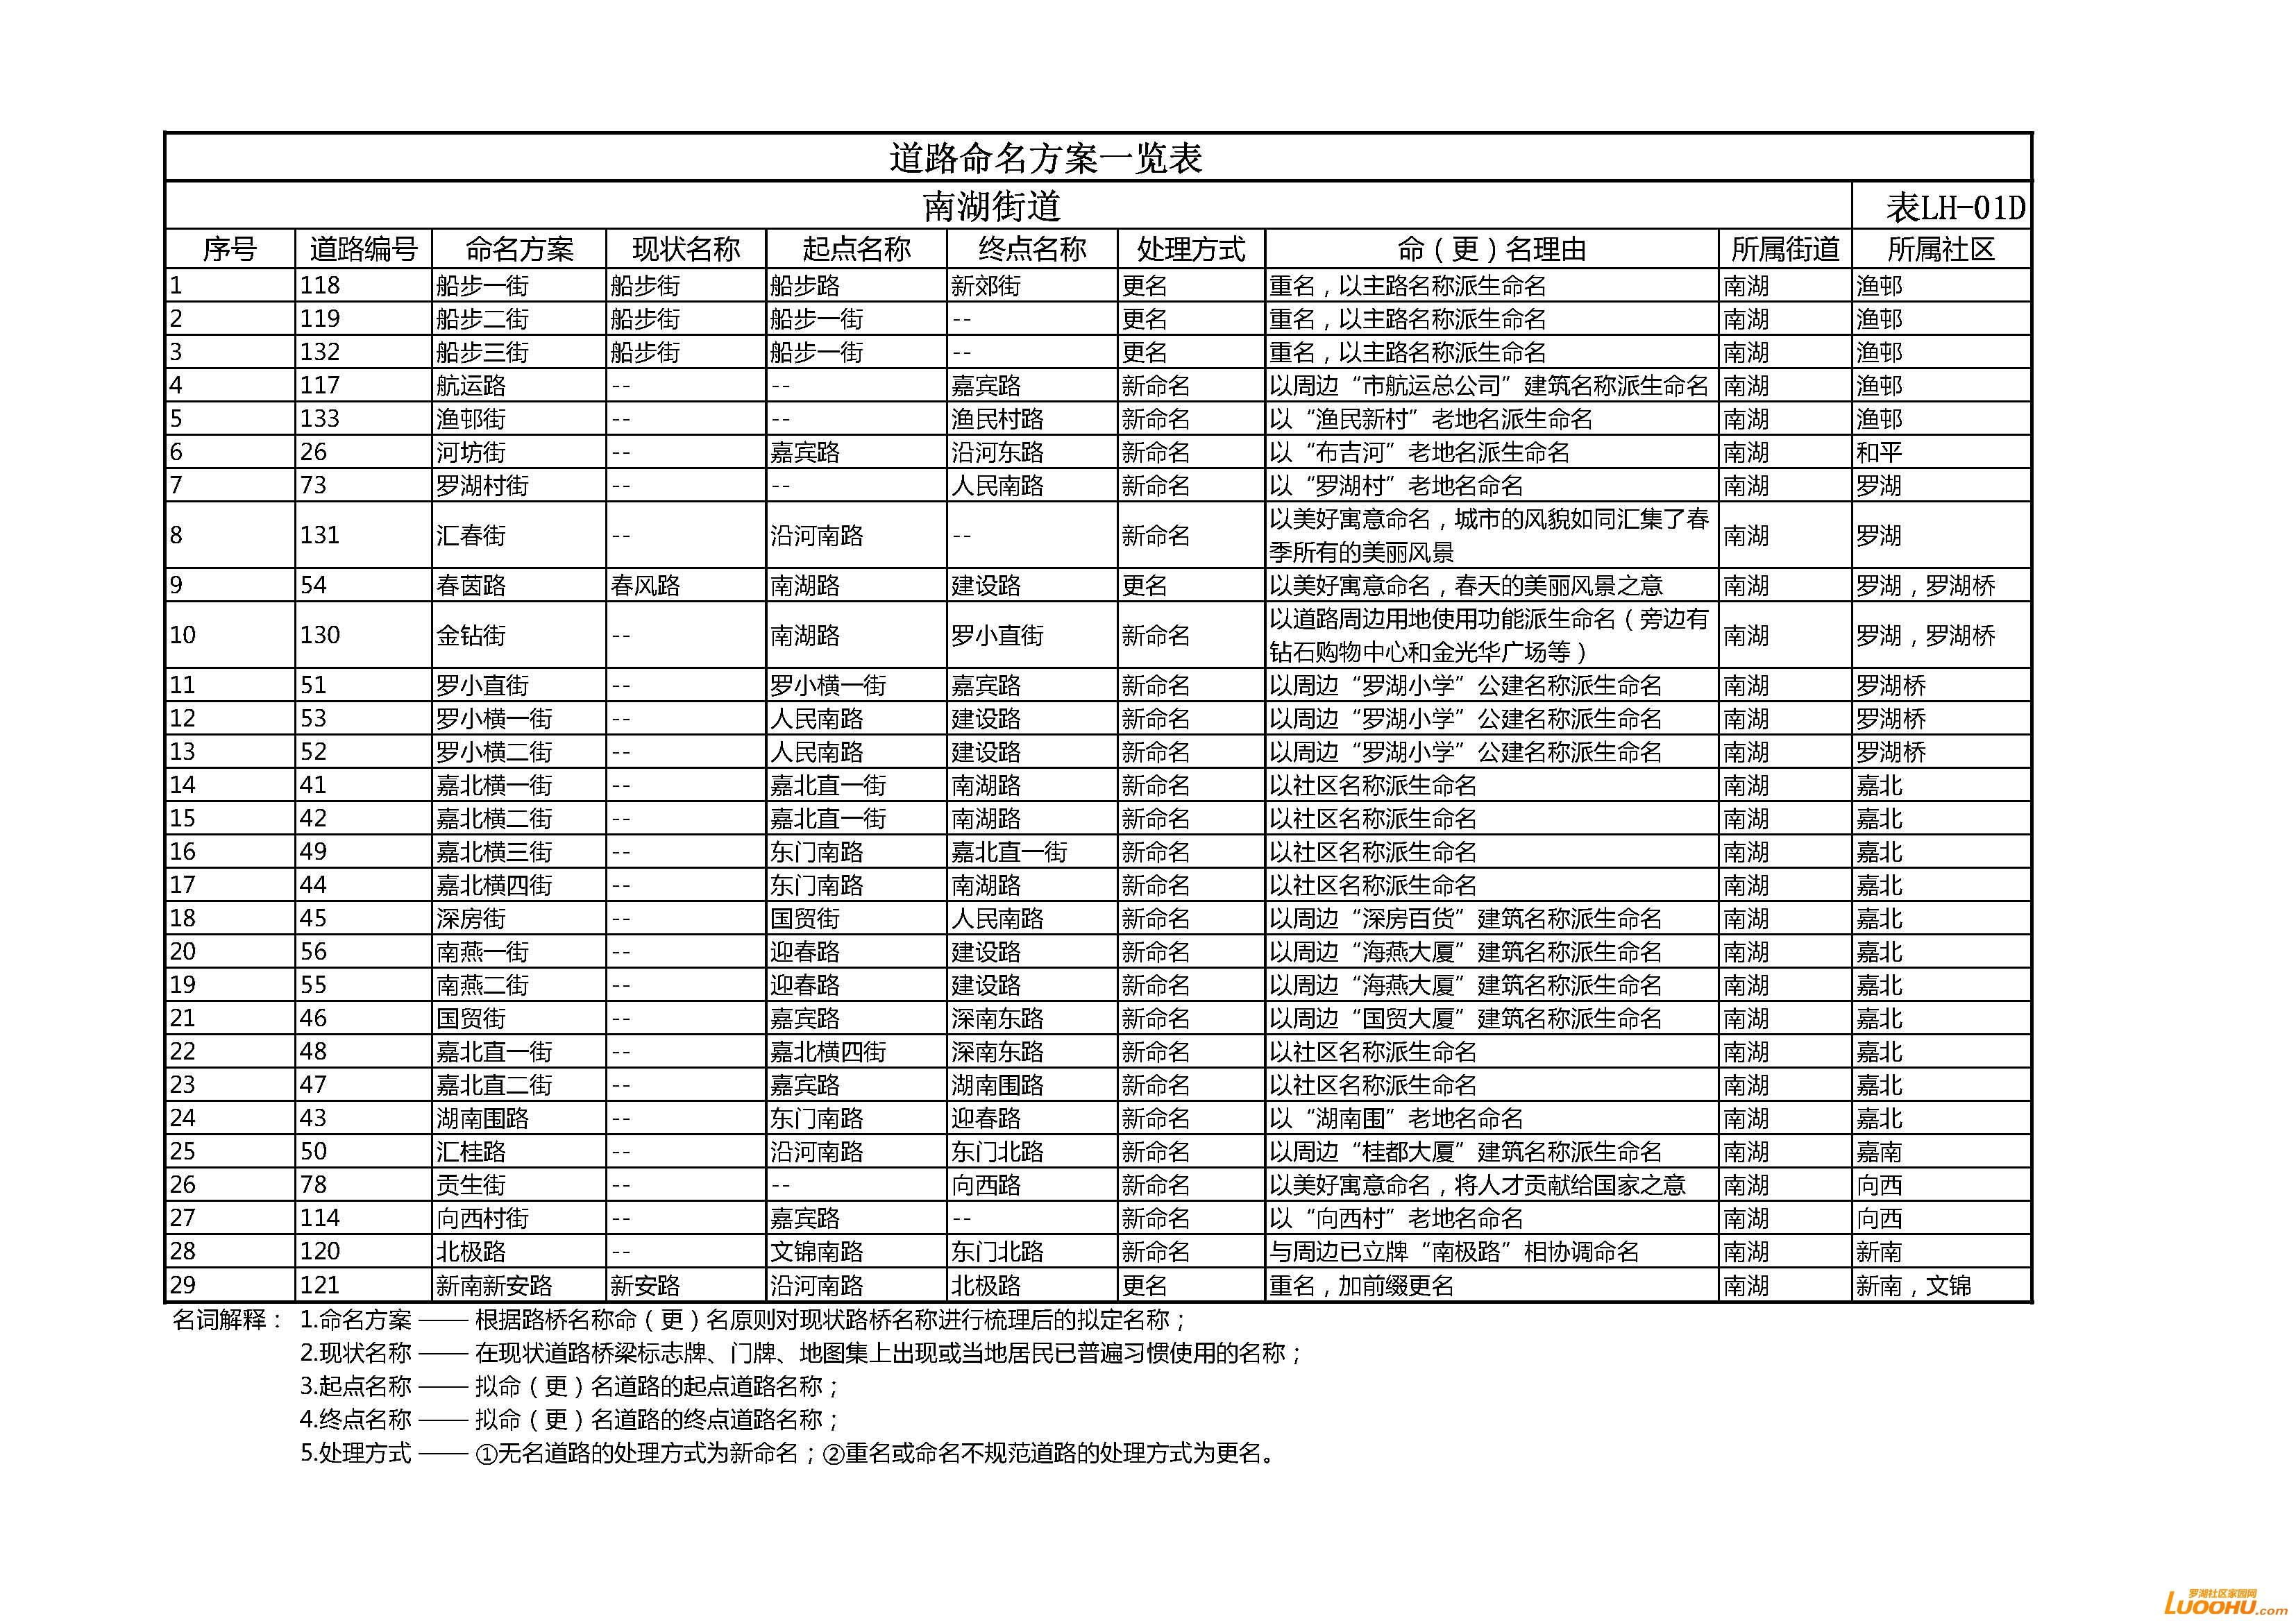 表LH-01D.jpg